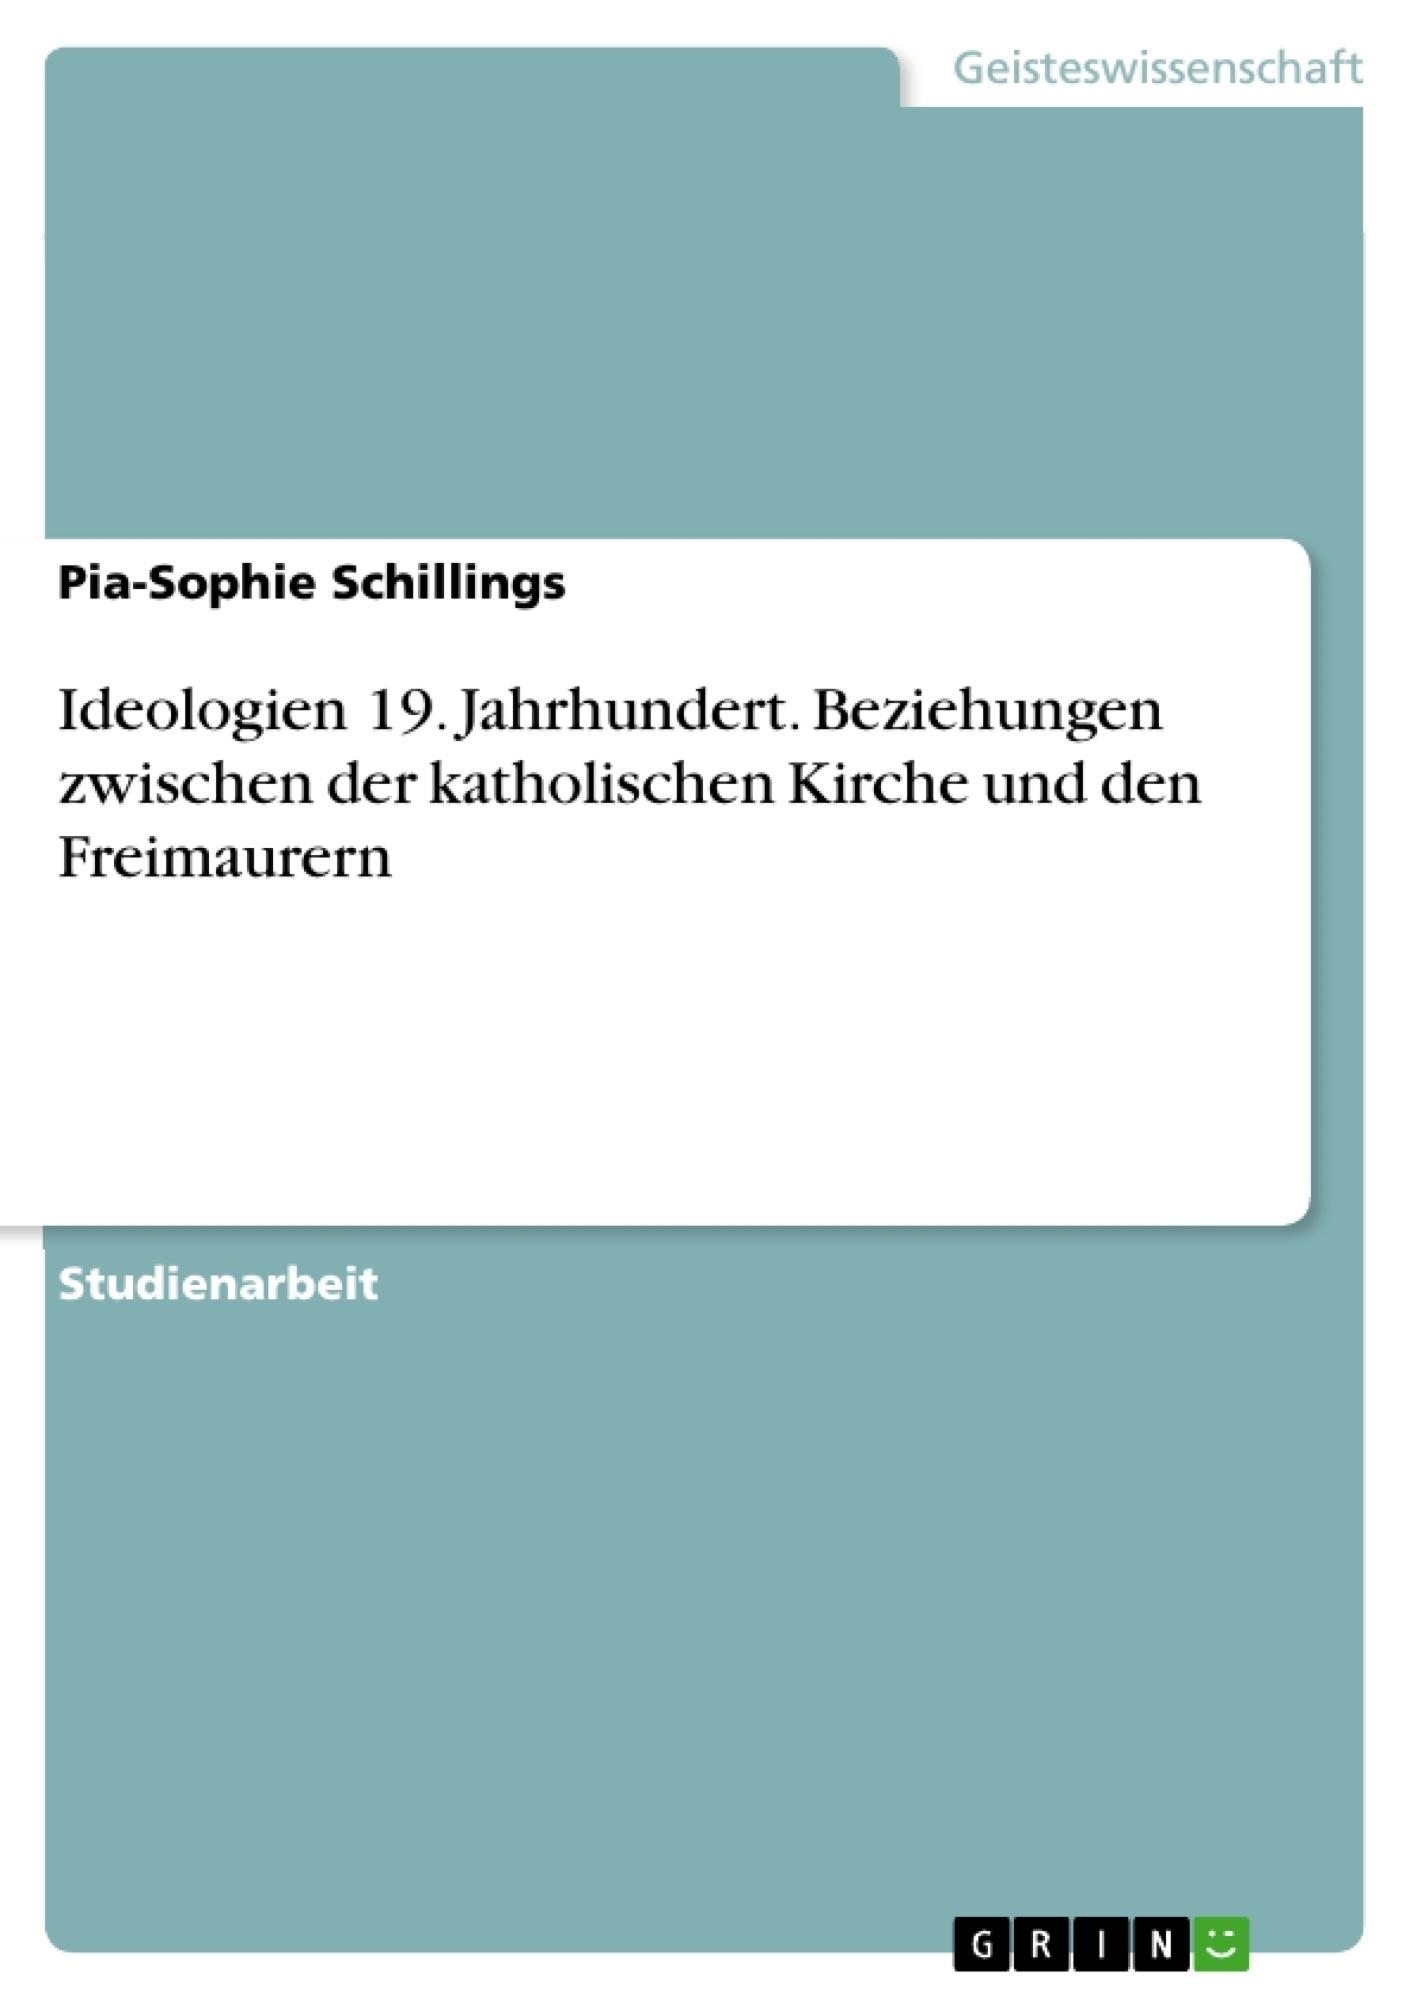 Titel: Ideologien 19. Jahrhundert. Beziehungen zwischen der katholischen Kirche und den Freimaurern